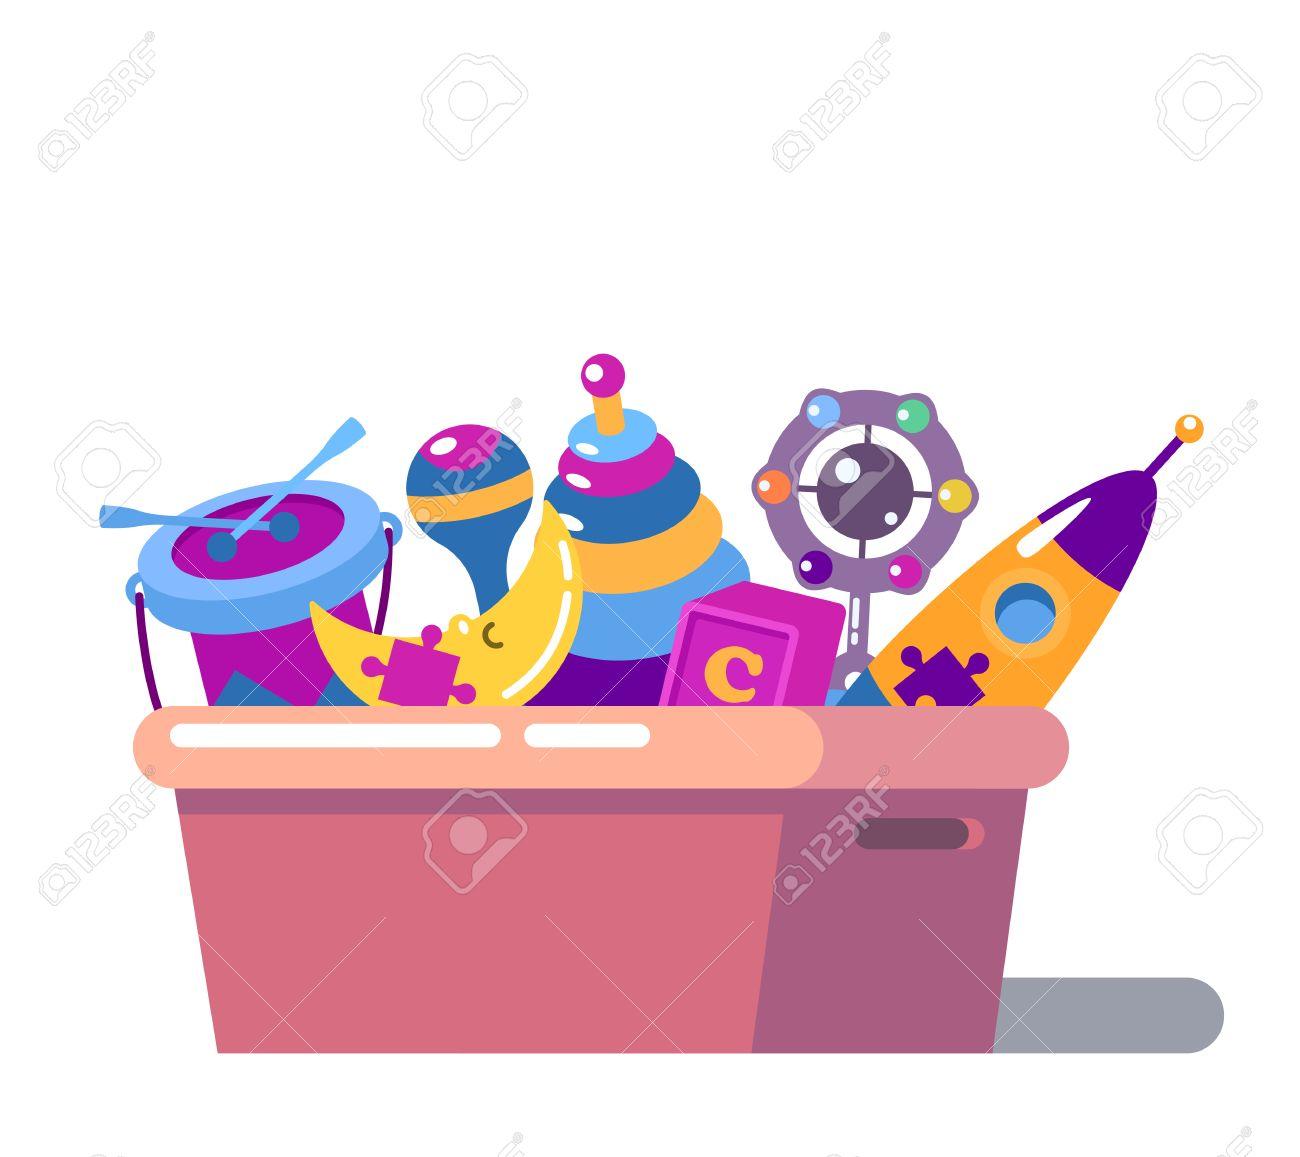 Geïsoleerde staande kinderen cartoon speelgoed doos. Raket en zitzak, rammelaar of maraca, trommel en maan, puzzelstuk speelgoed op de borst of doos.